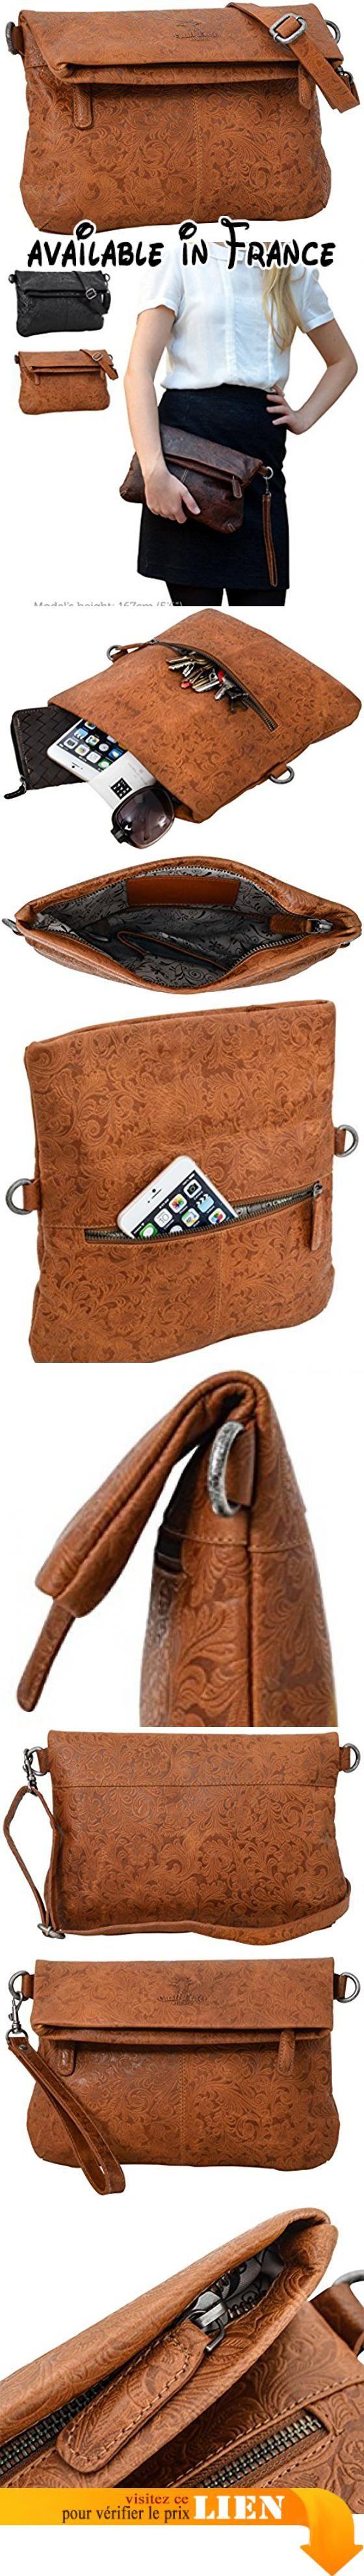 B01N9SC633   Gusti Cuir studio Scarlett sac à main sac à bandoulière sac  shopping sac de loisirs sac de soirée homme femme cuir … be051f5bec0f